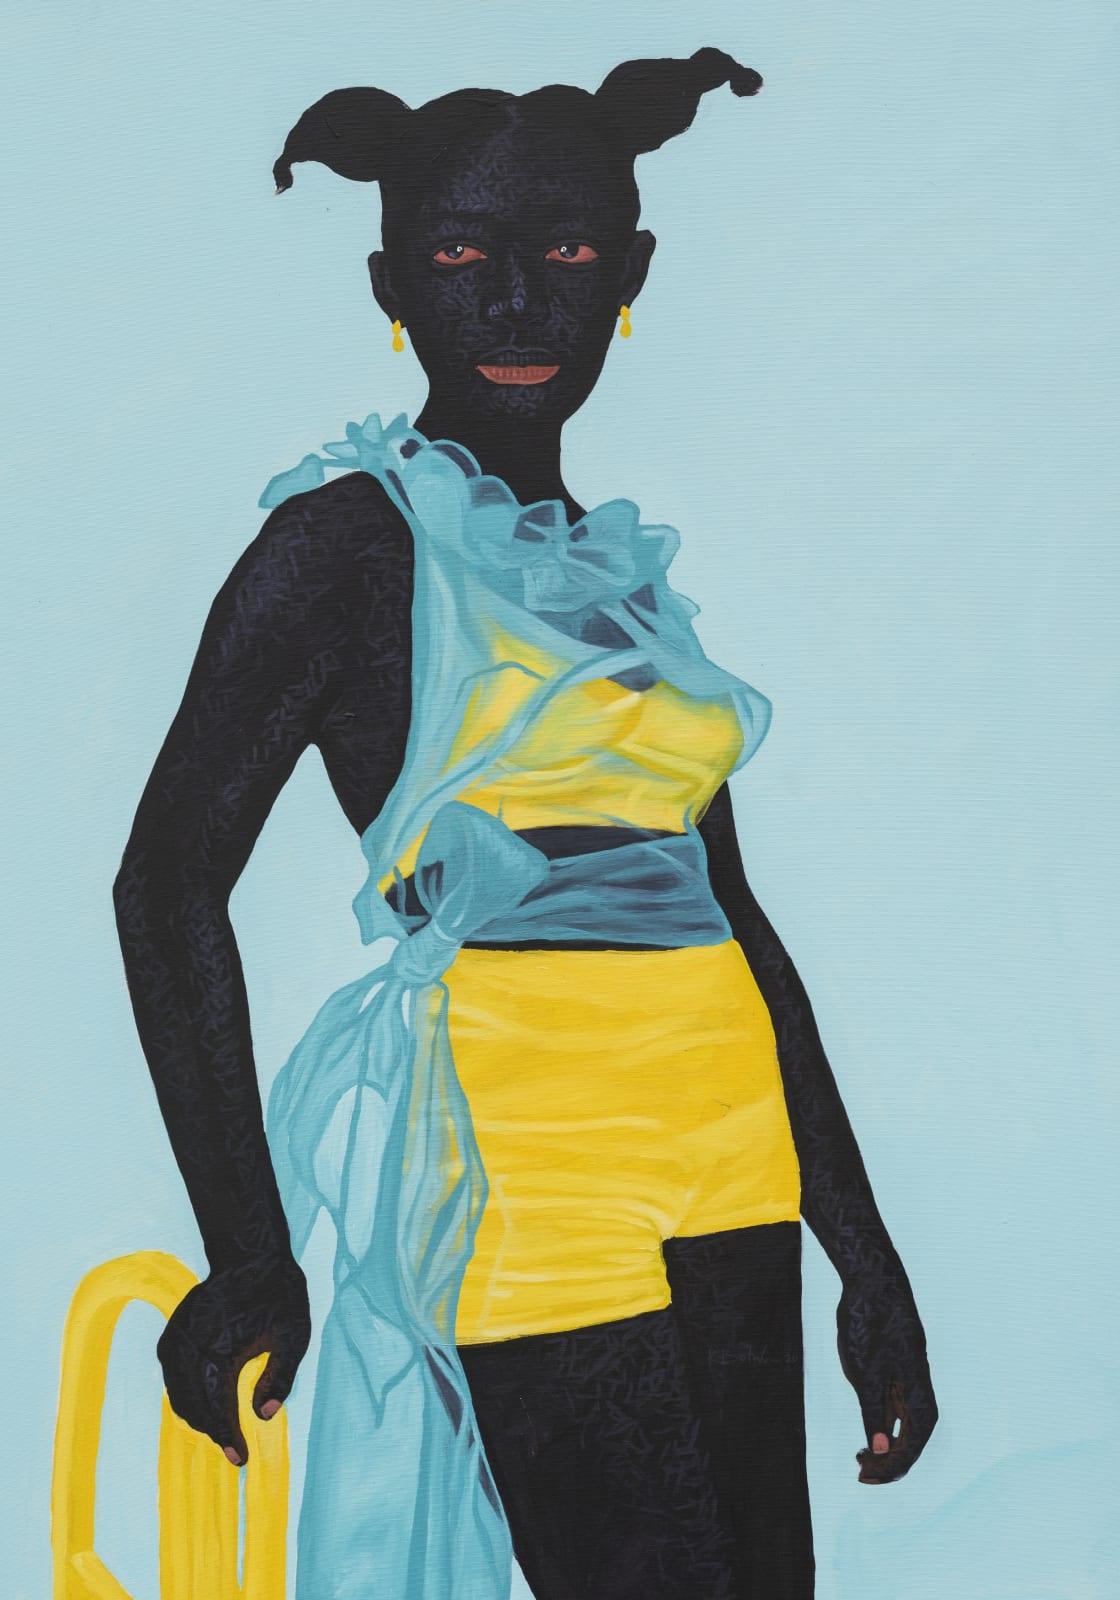 Kwesi Botchway, Untitled, 2020